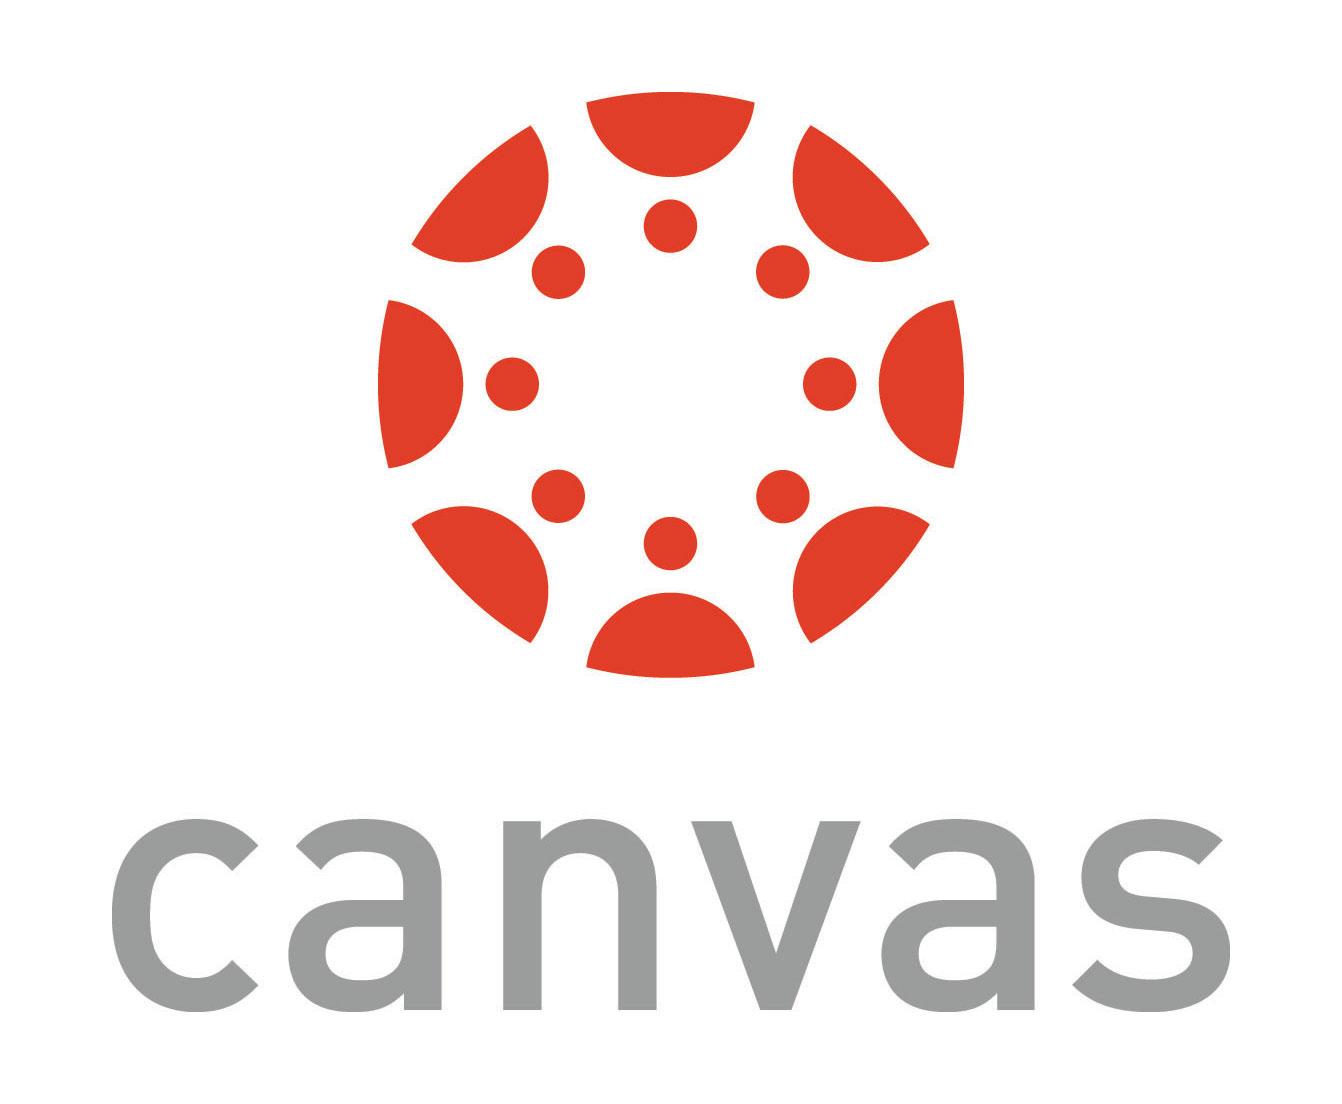 The Canvas logo